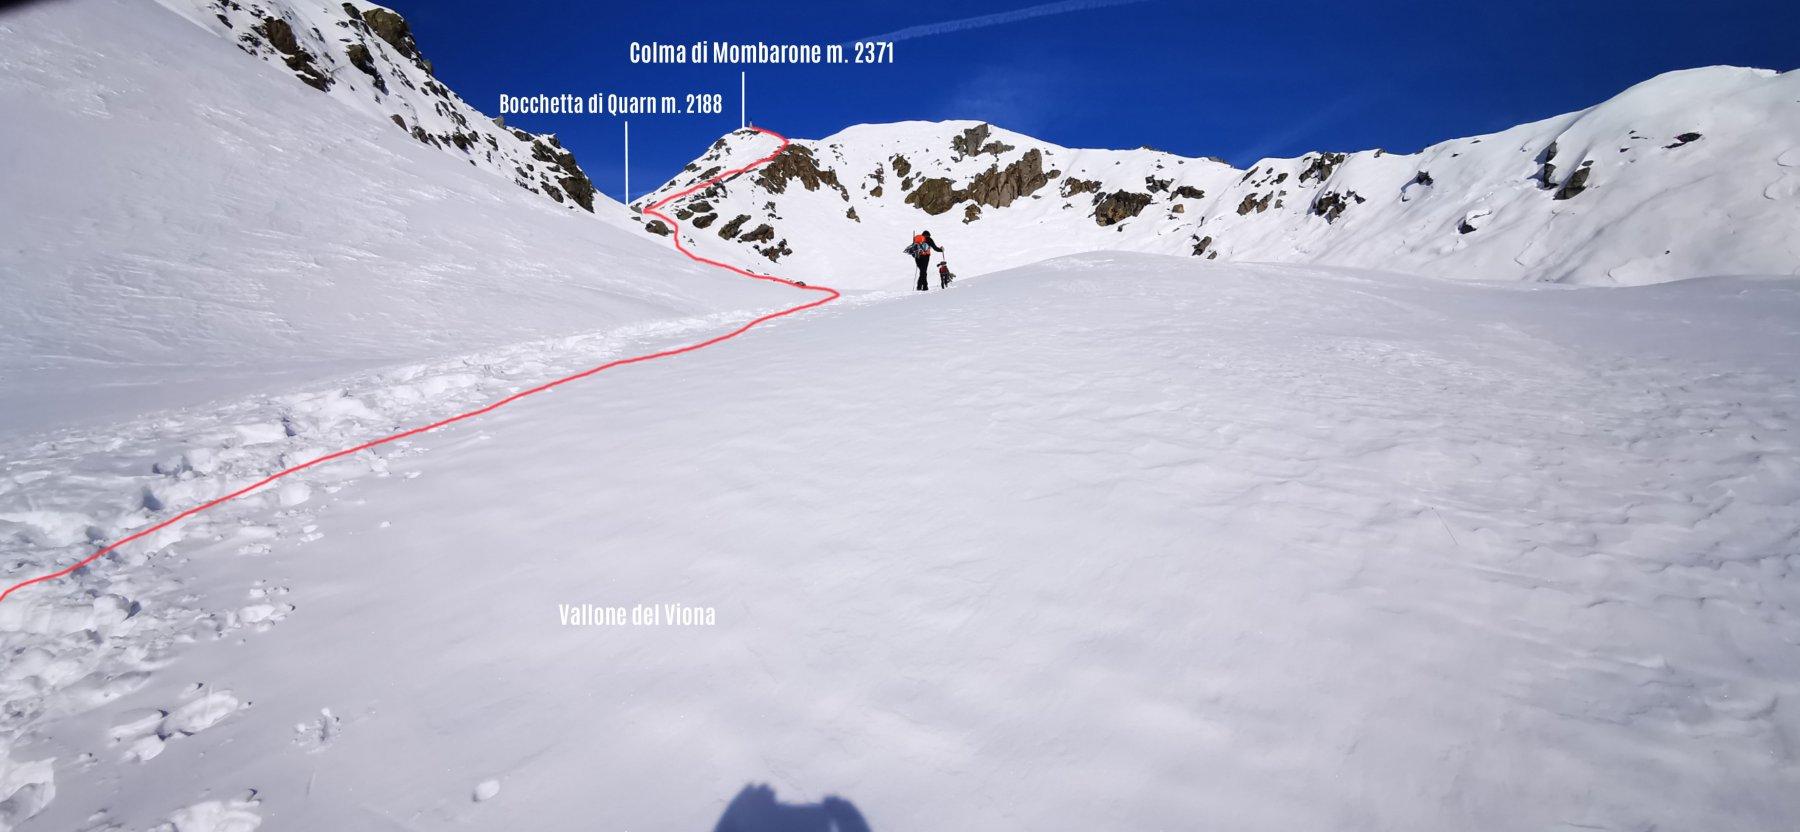 itinerario di salita visto da quota 2000 m nel Vallone di Viona